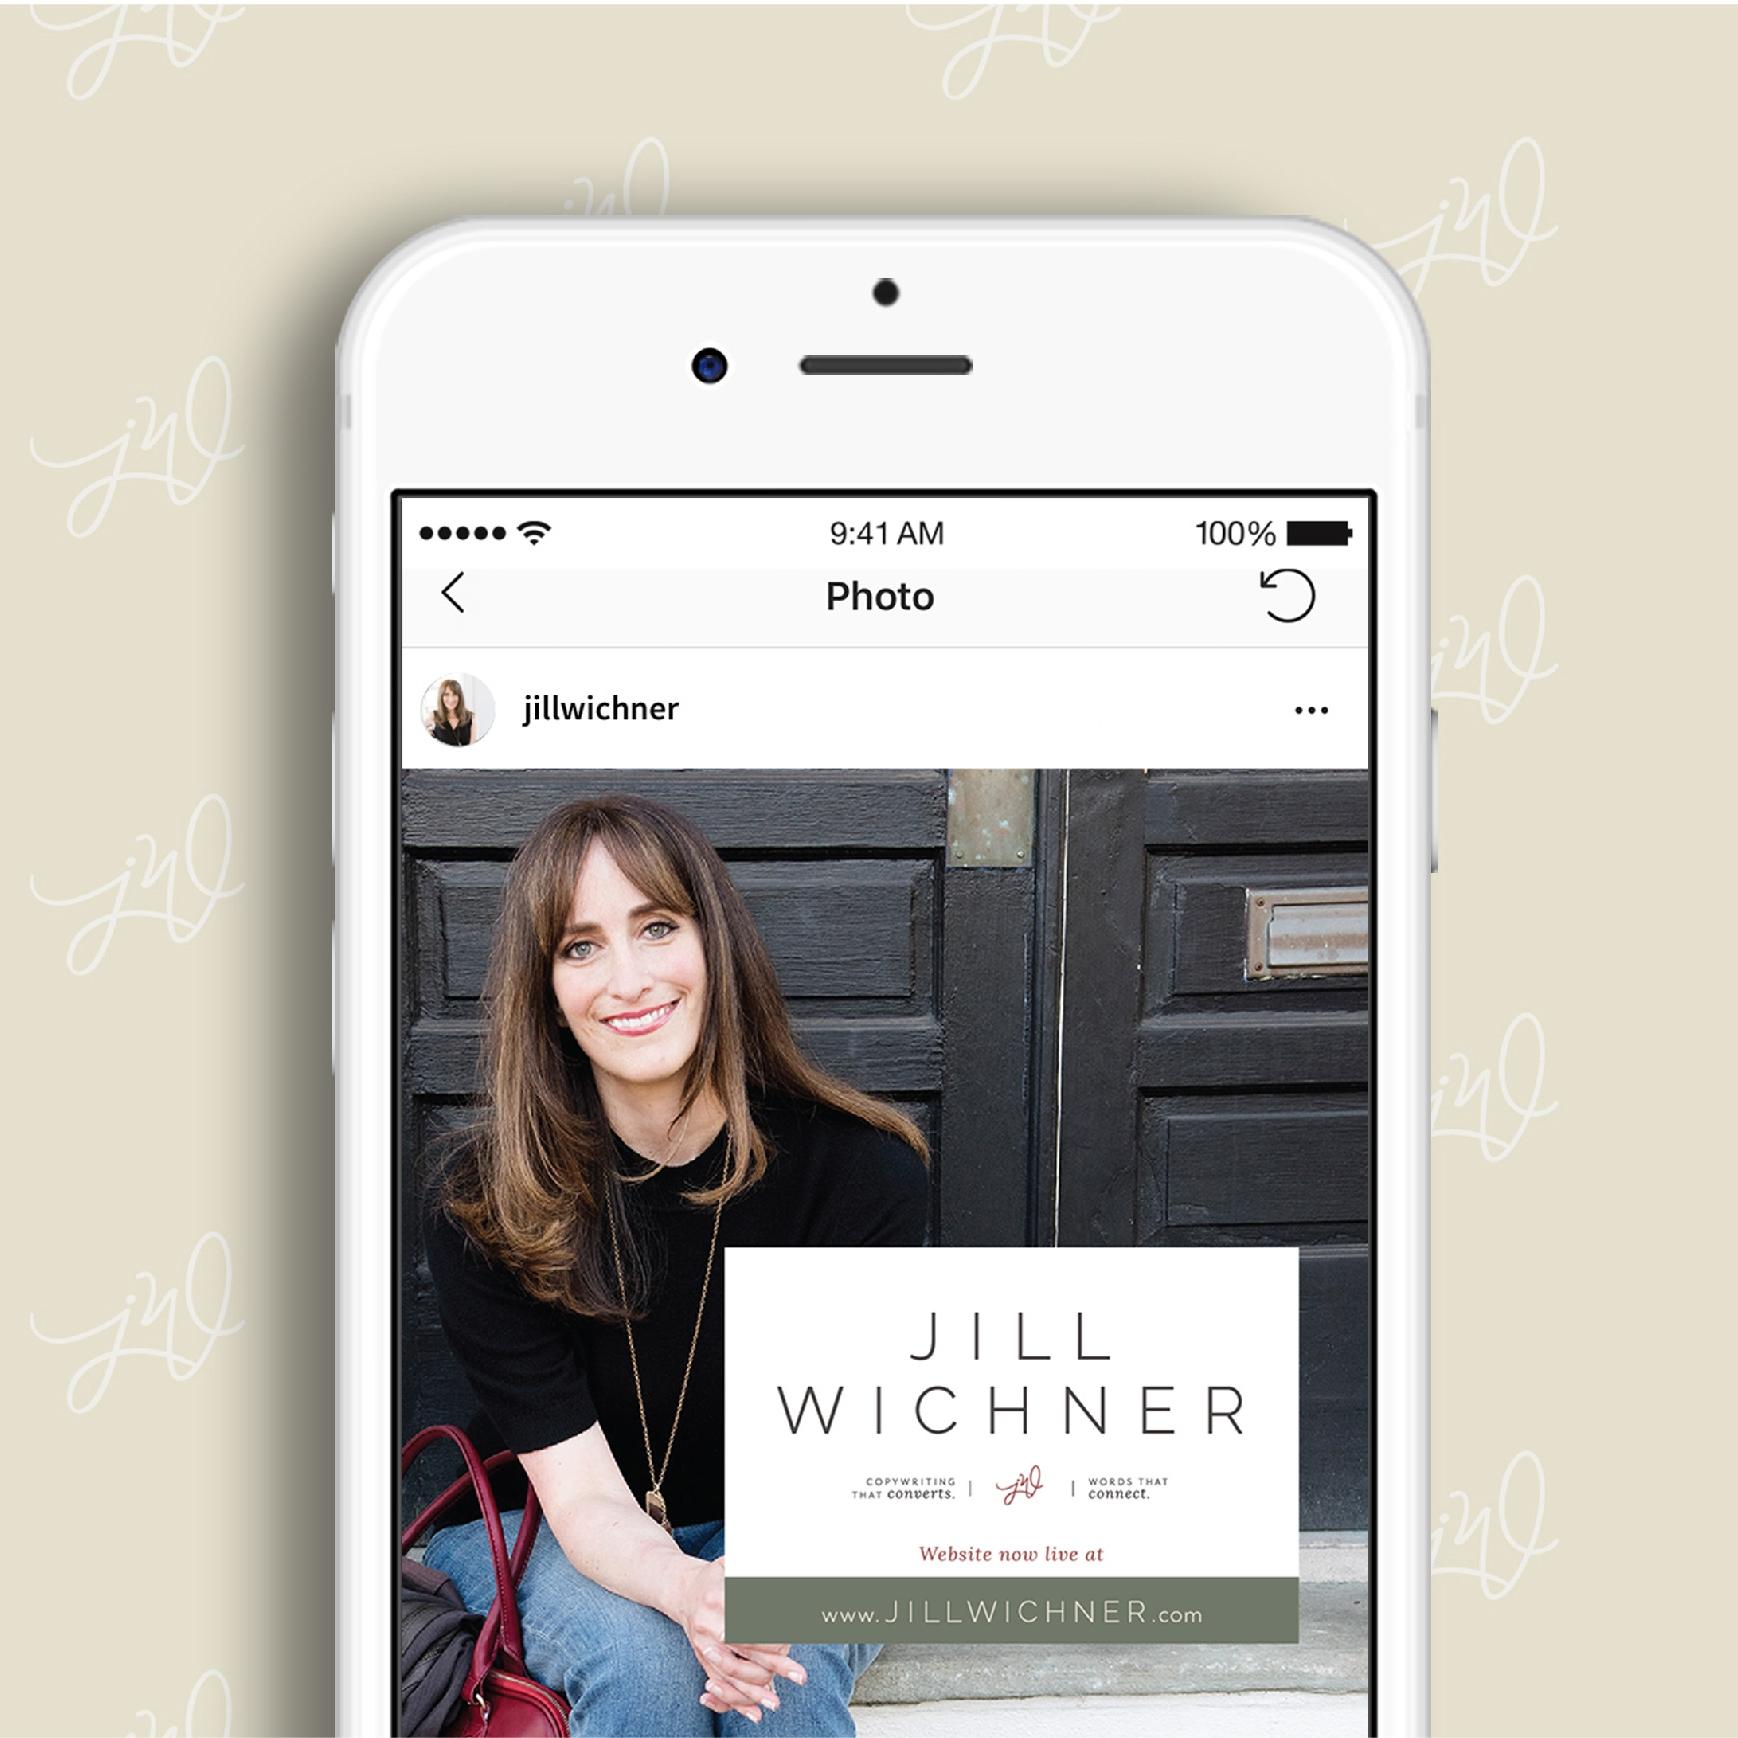 Jill Wichner Instagram Brand Launch Graphic | Testimonial for AllieMarie Design